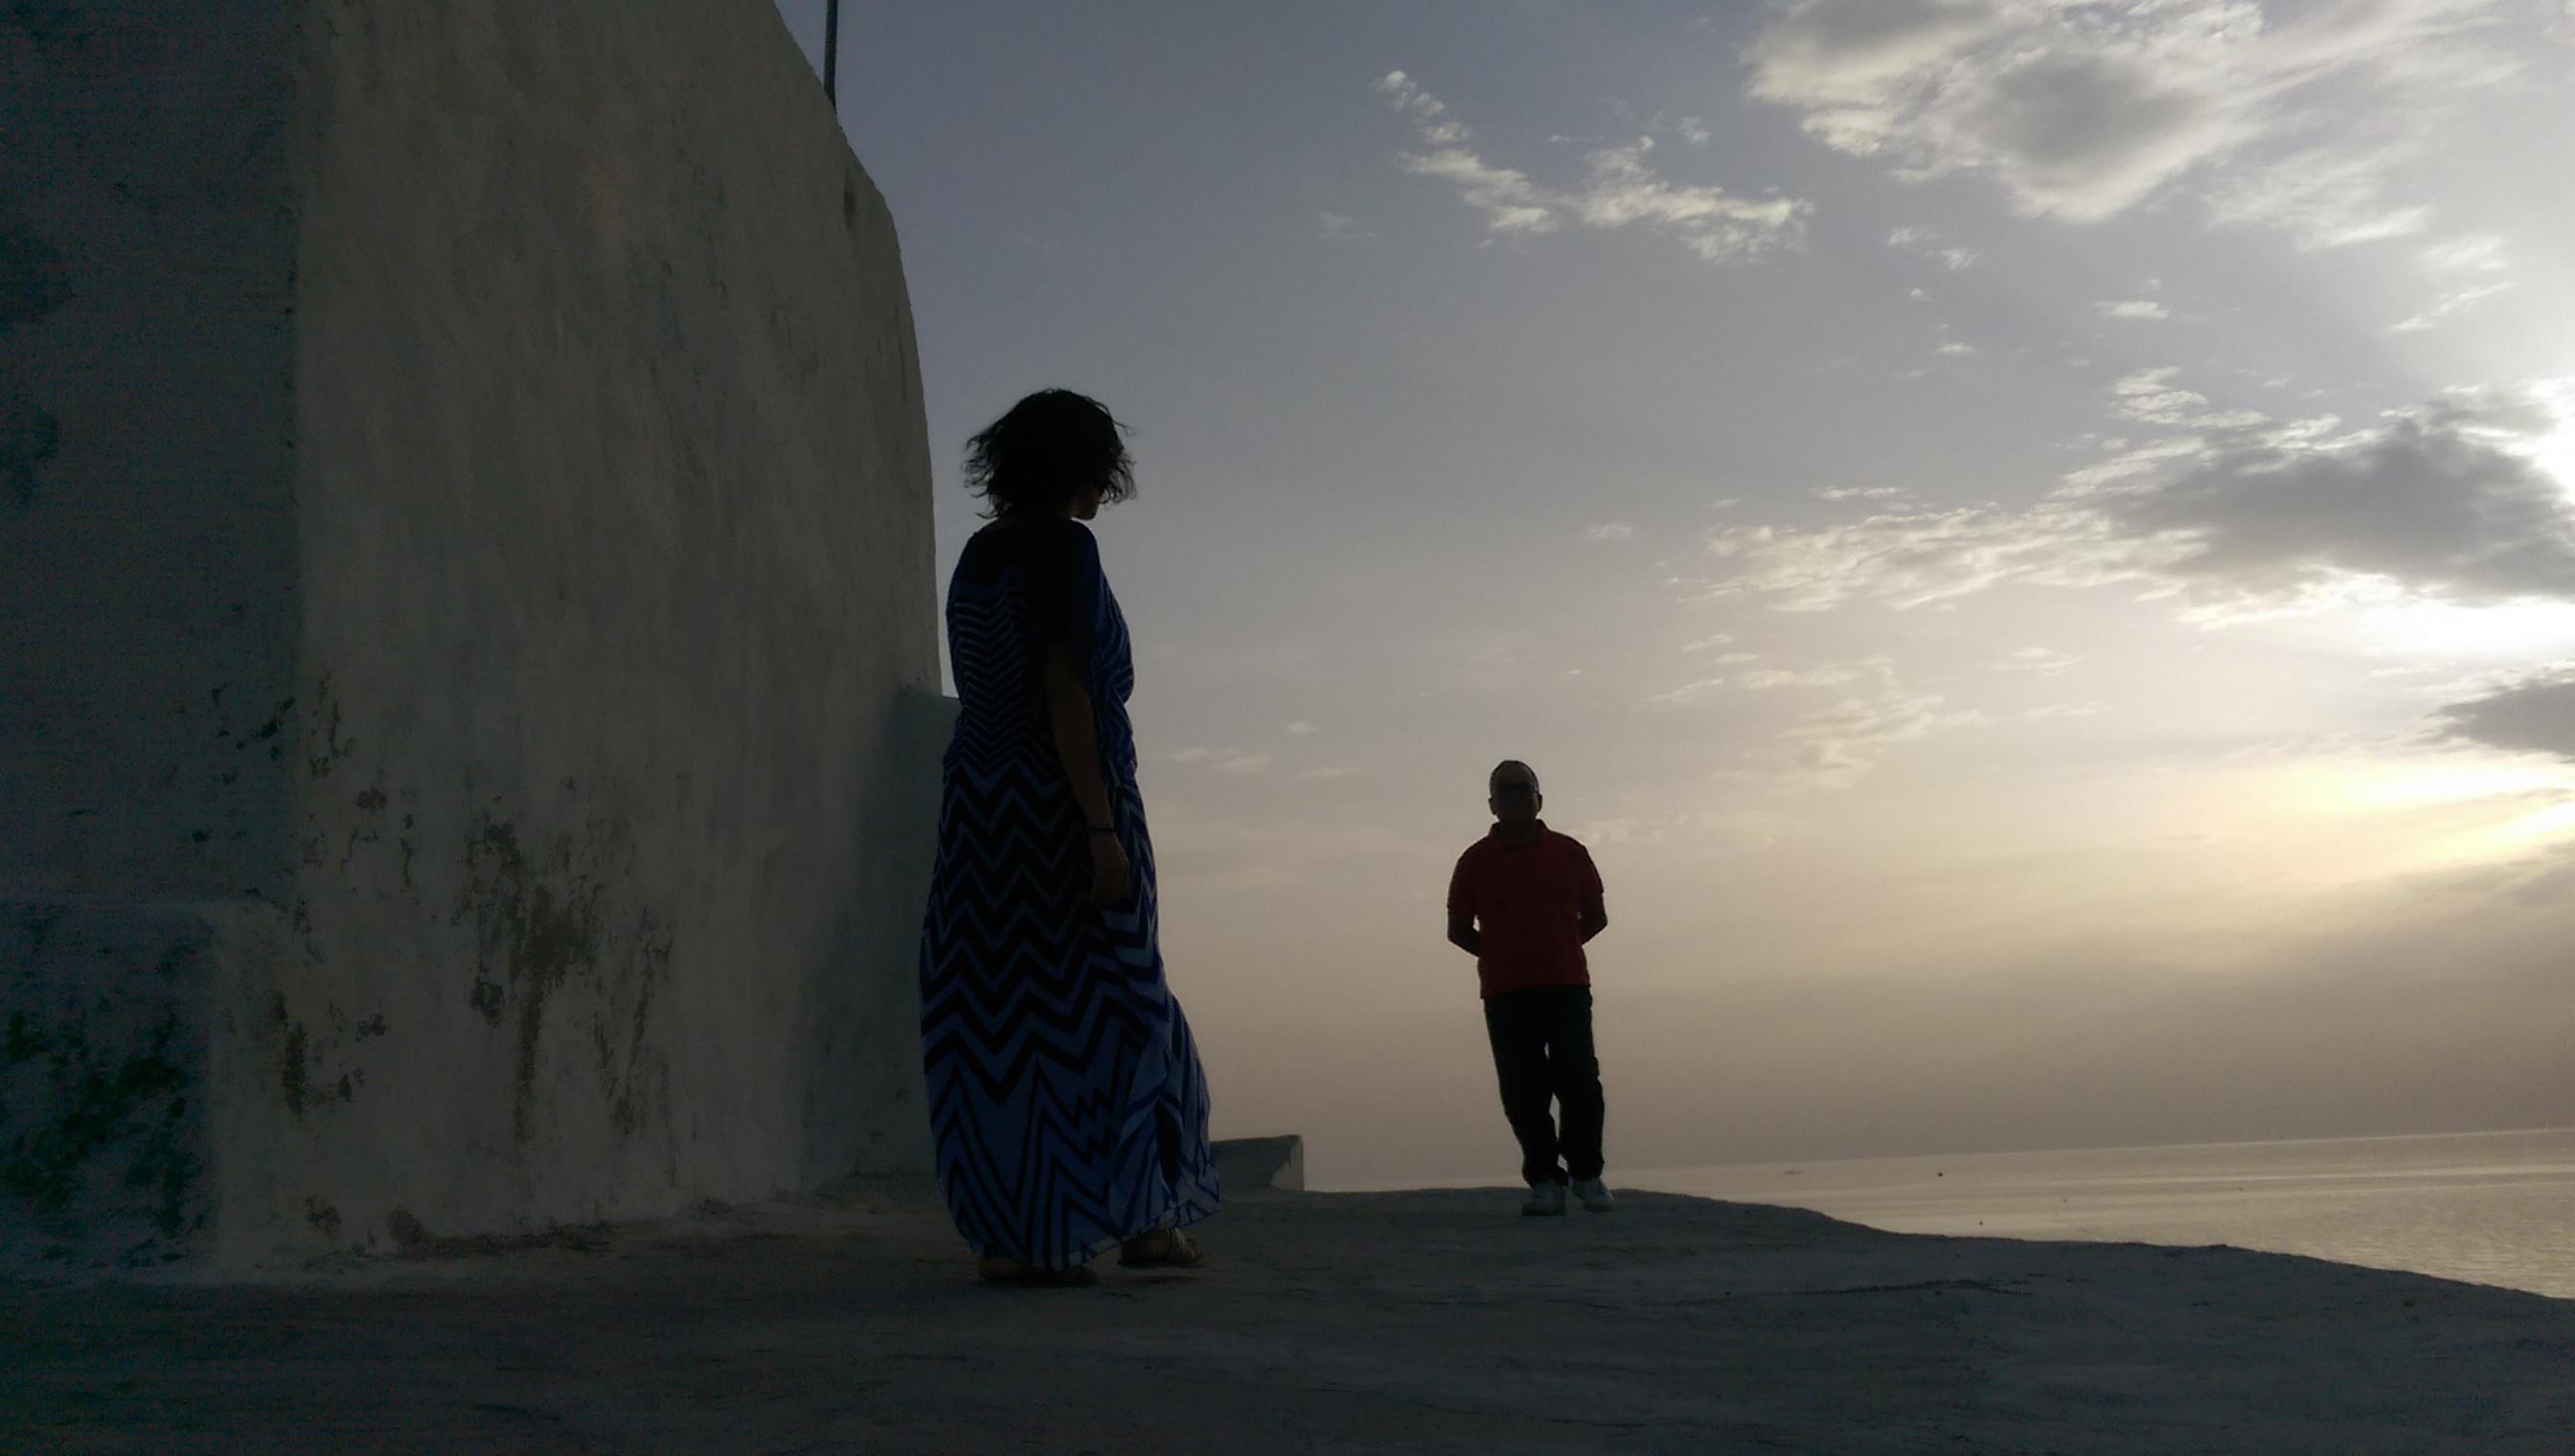 sunliners Sunline Travel   Tunis Turska Egipat Grcka